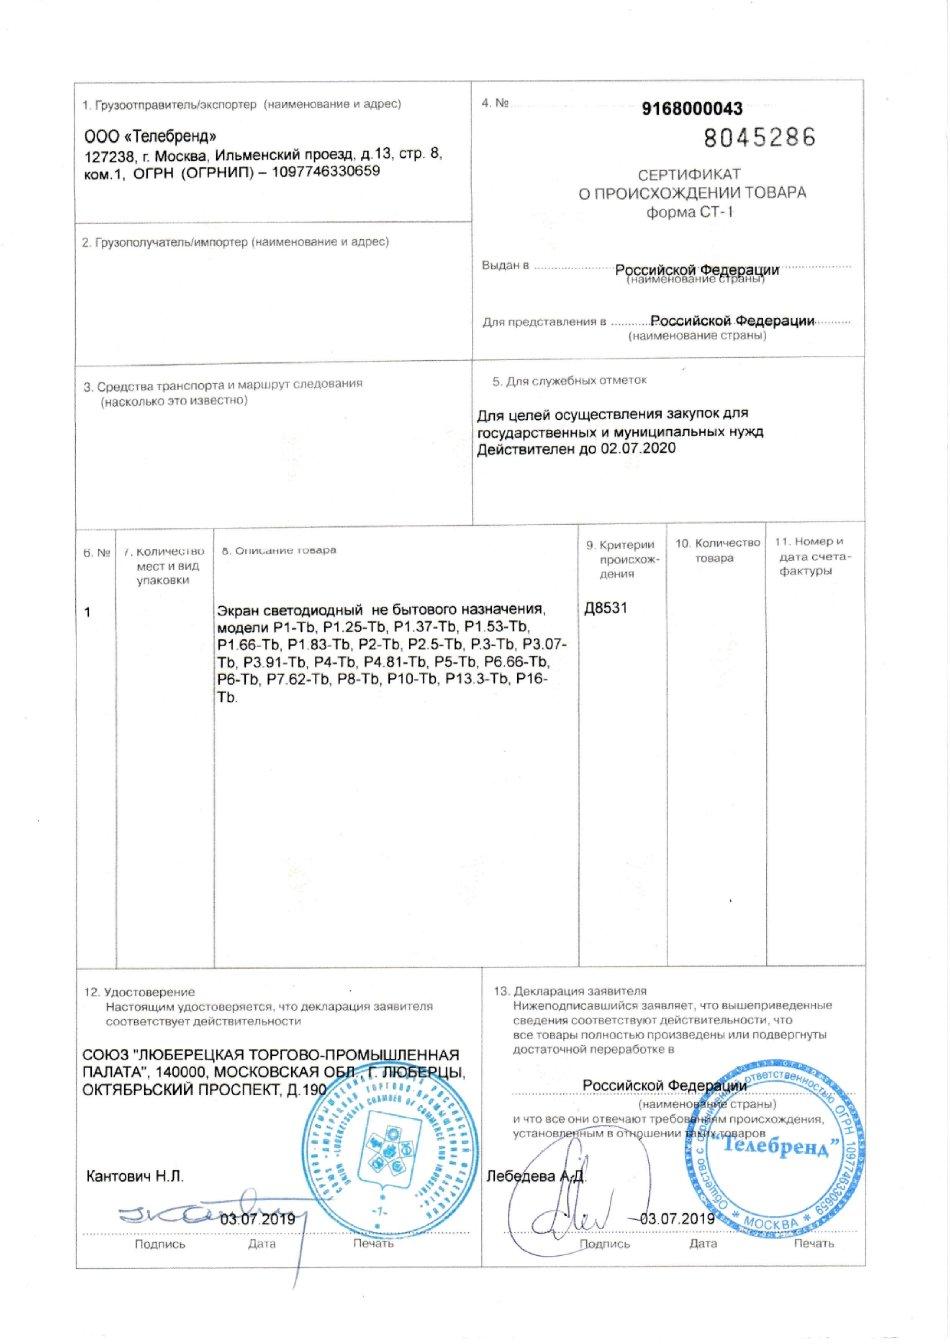 сертификат о происхождении товара ООО Телебренд